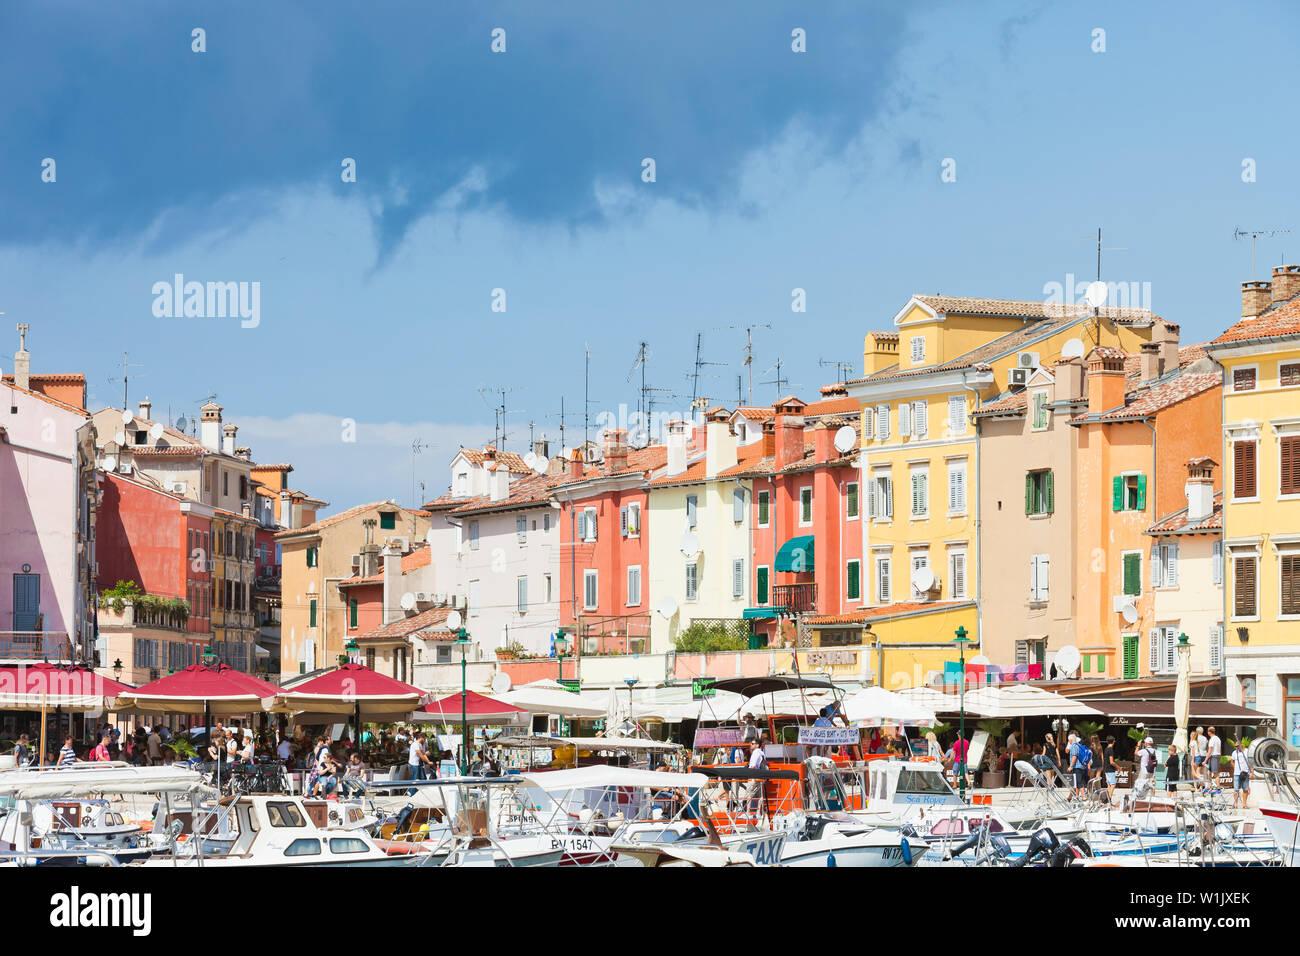 Rovinj, Kroatien, Europa - September 2, 2017 - Touristen, Boote und Restaurants am Hafen von Rovinj Stockfoto